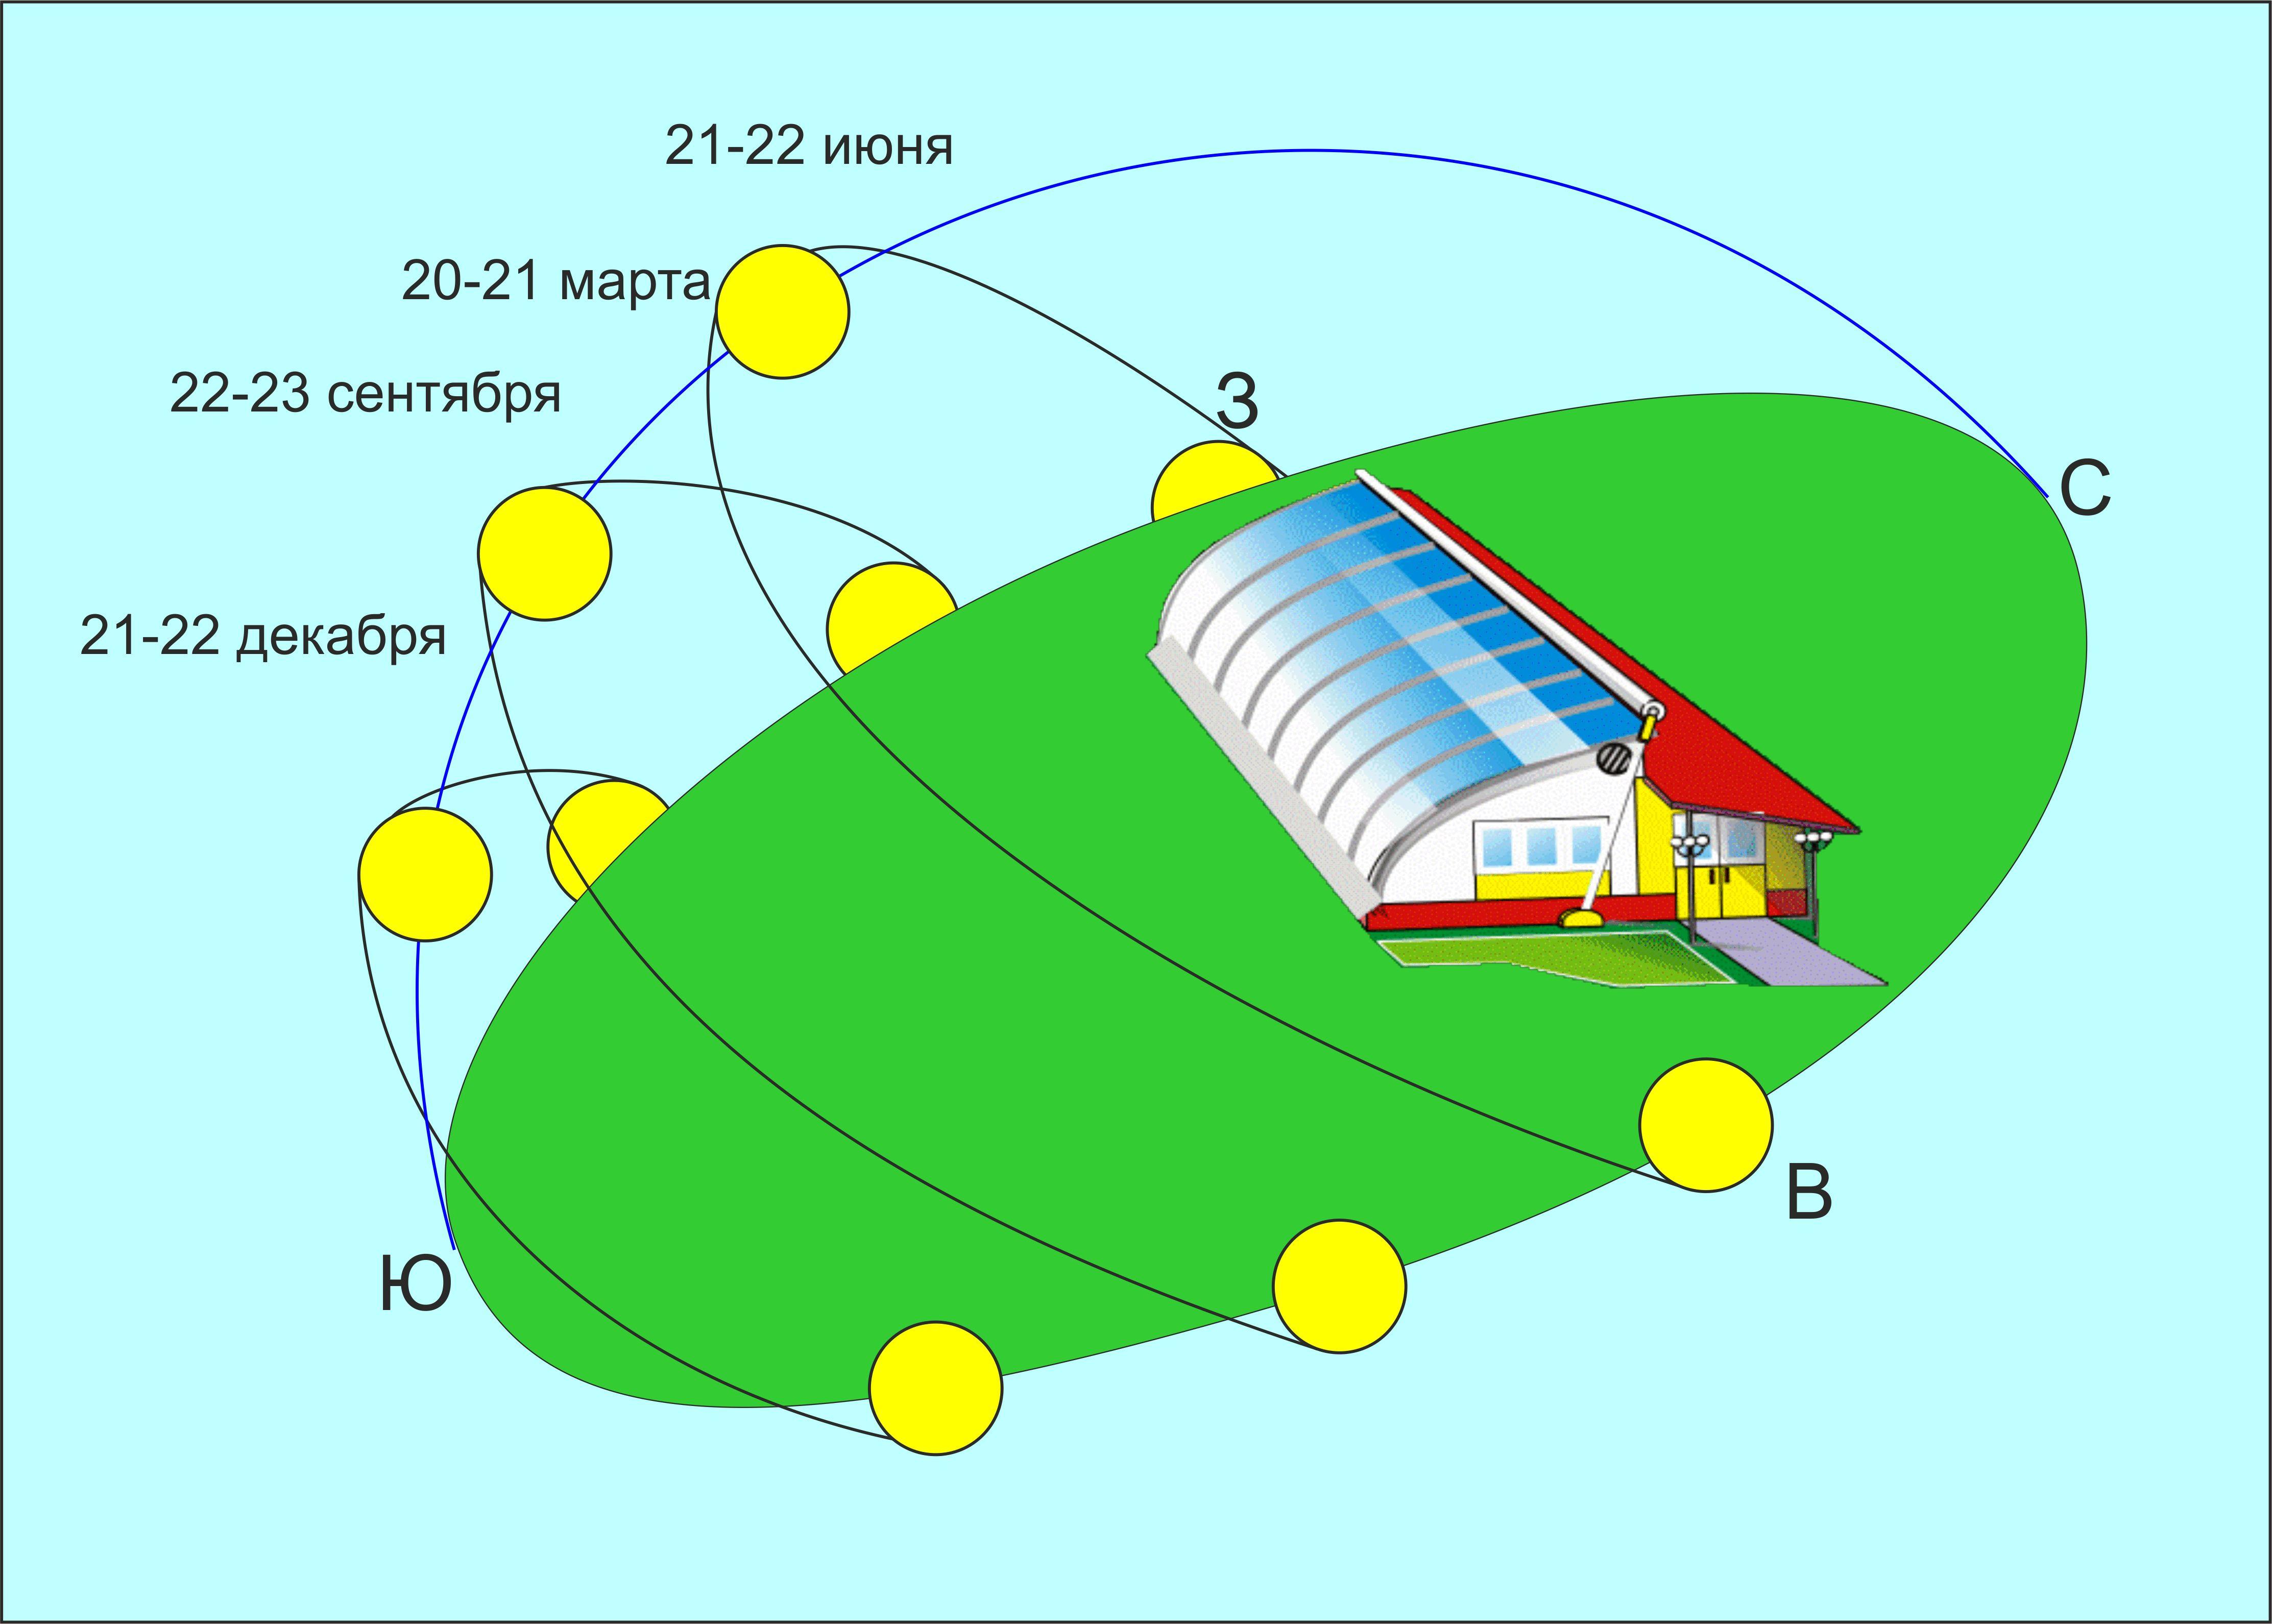 Угол солнца над горизонтом и правильная конструкция теплицы